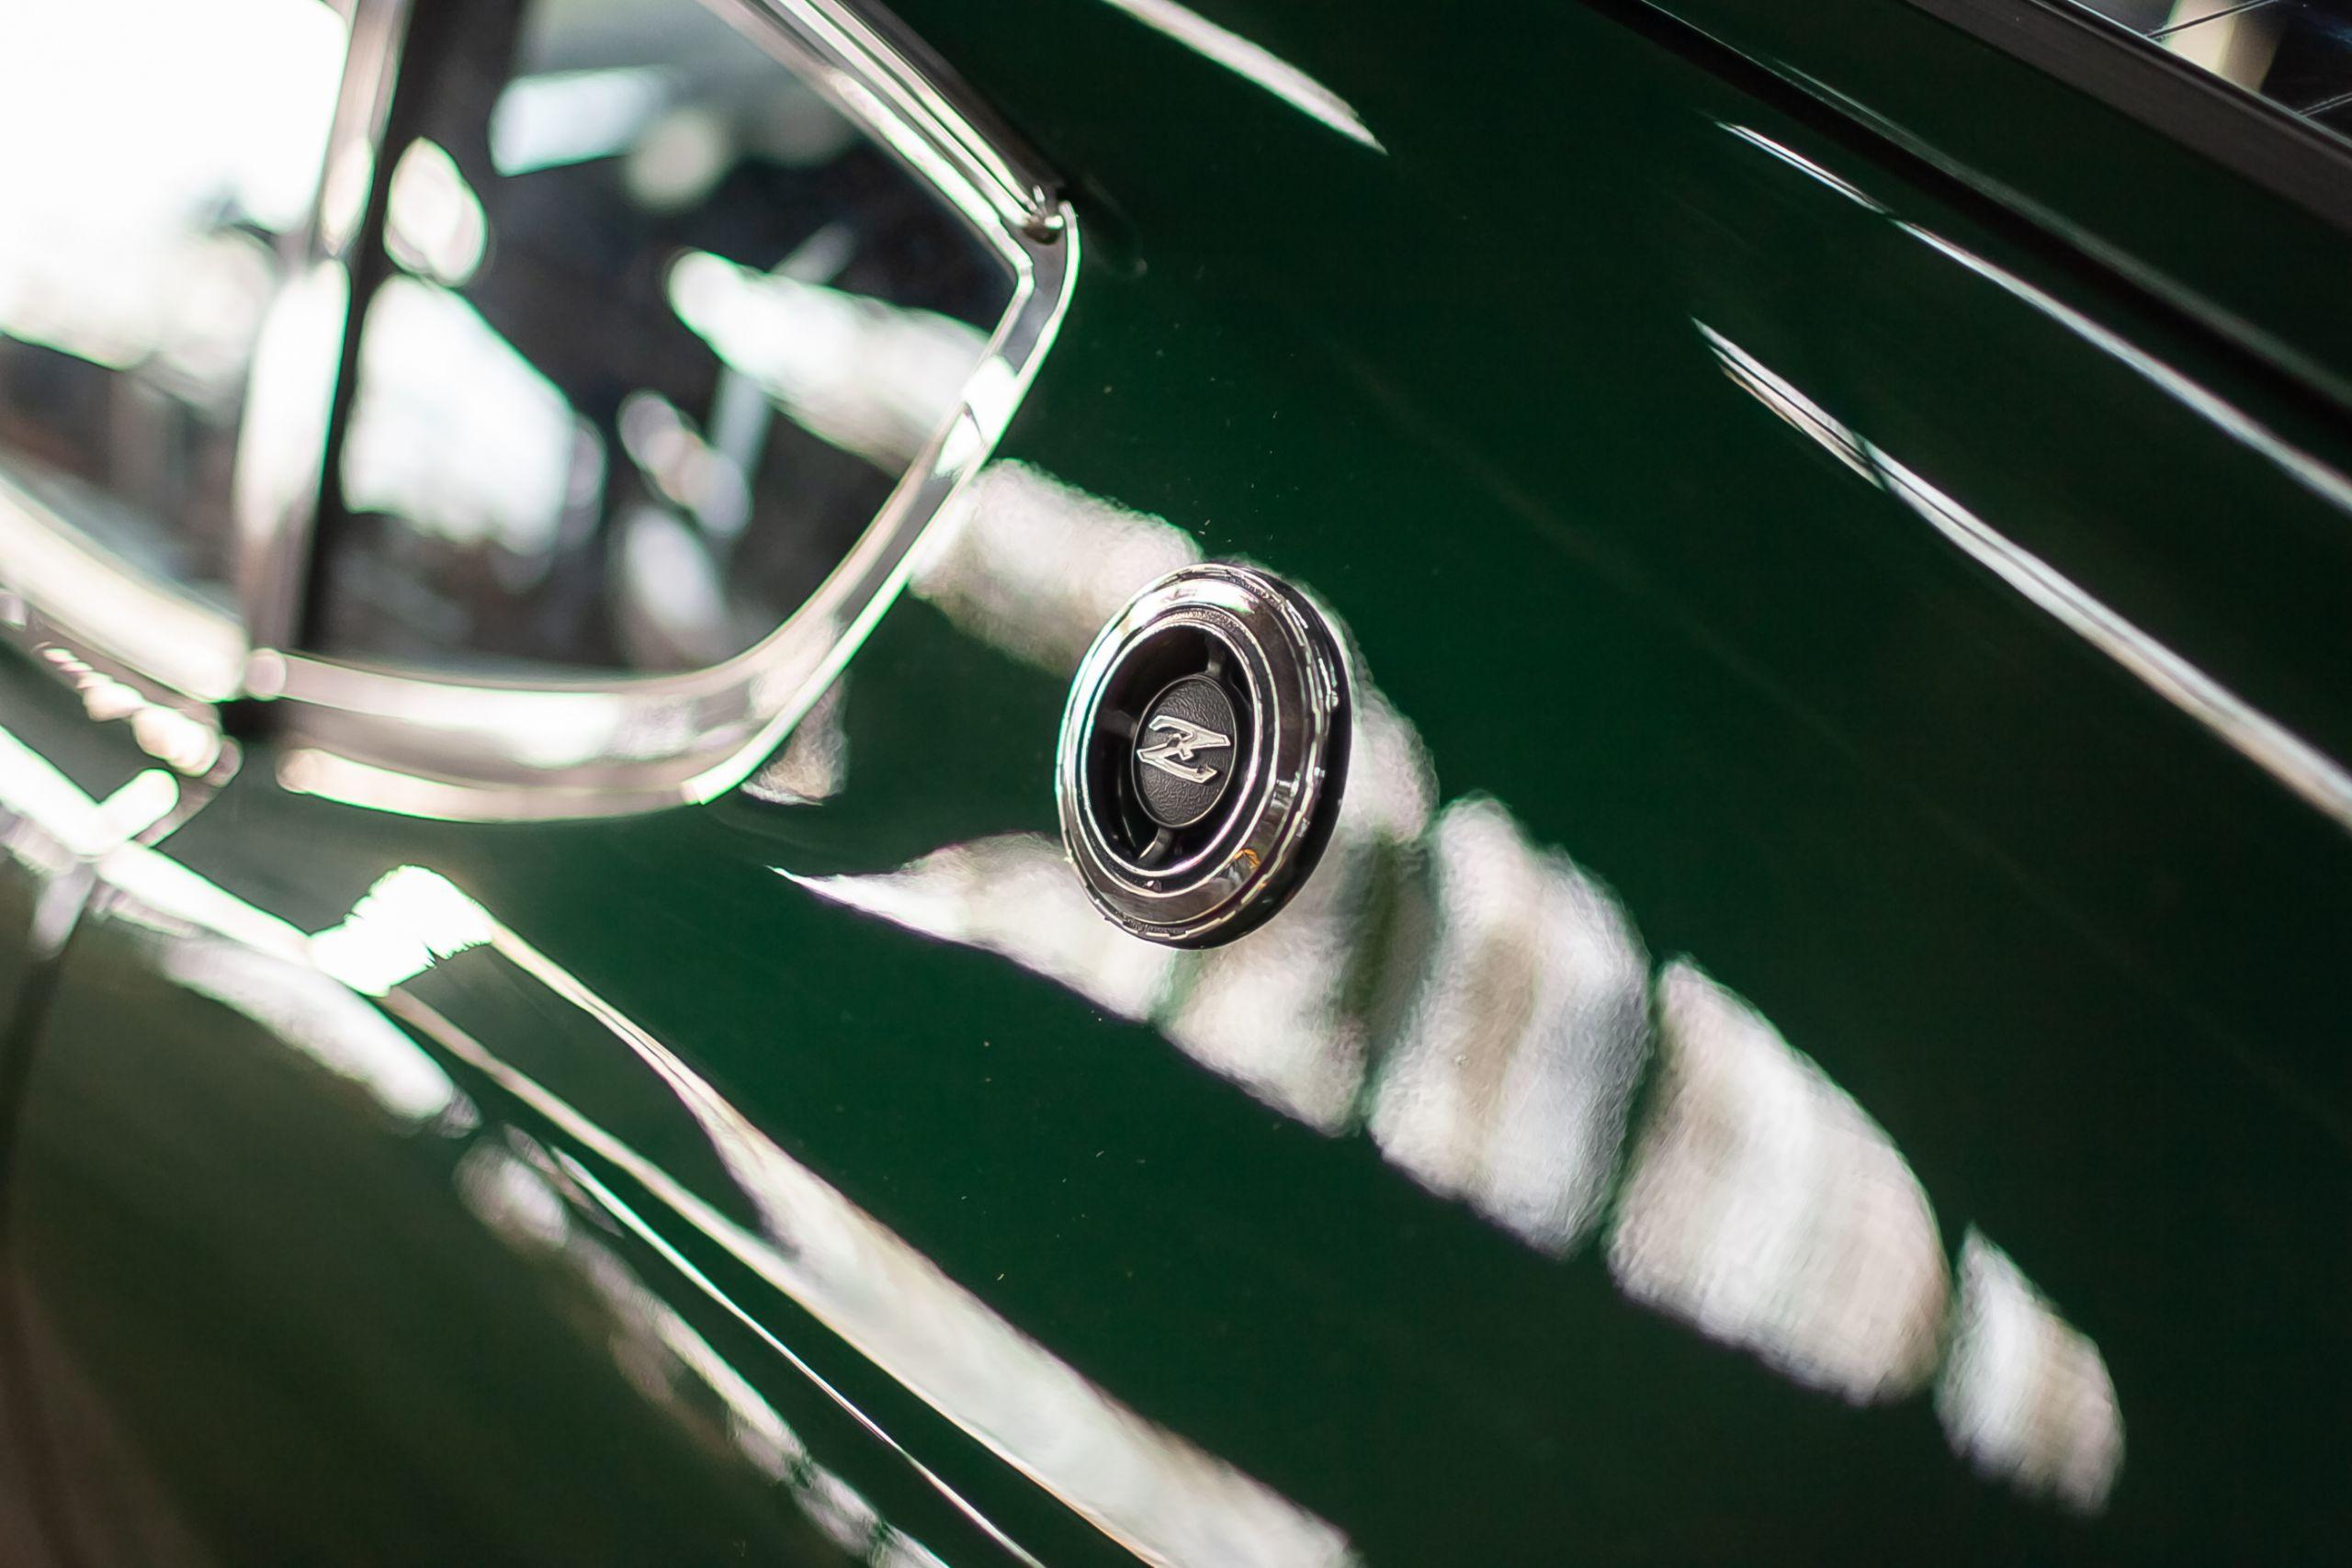 grün Datsun 240z zu verkaufen